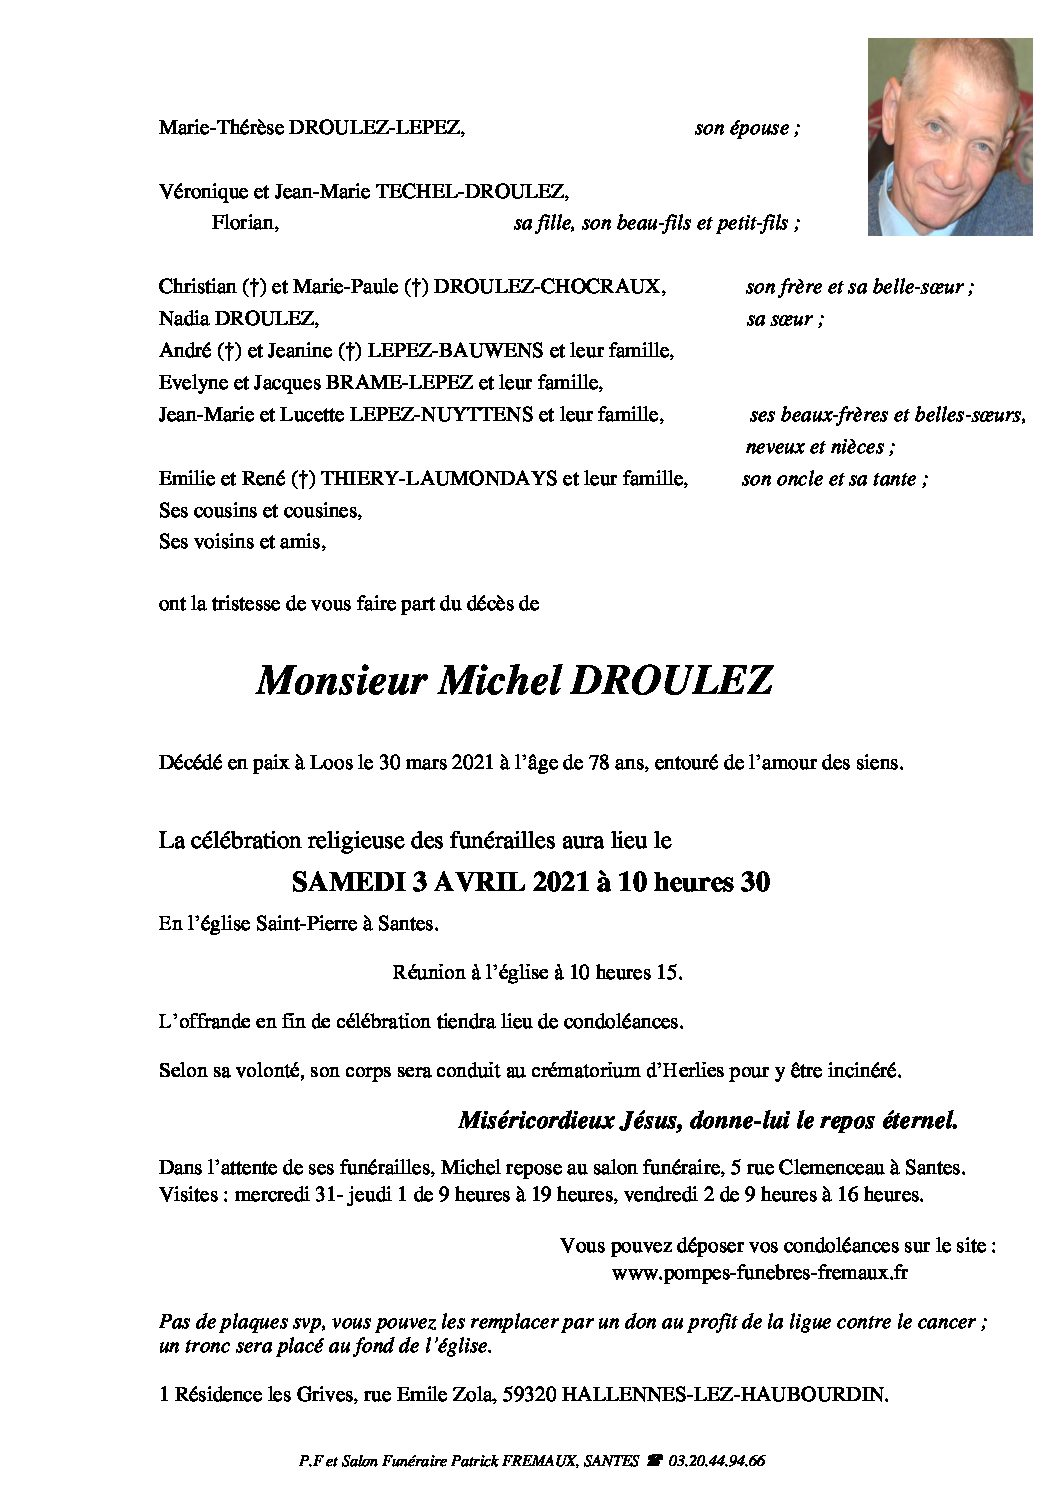 Monsieur Michel DROULEZ